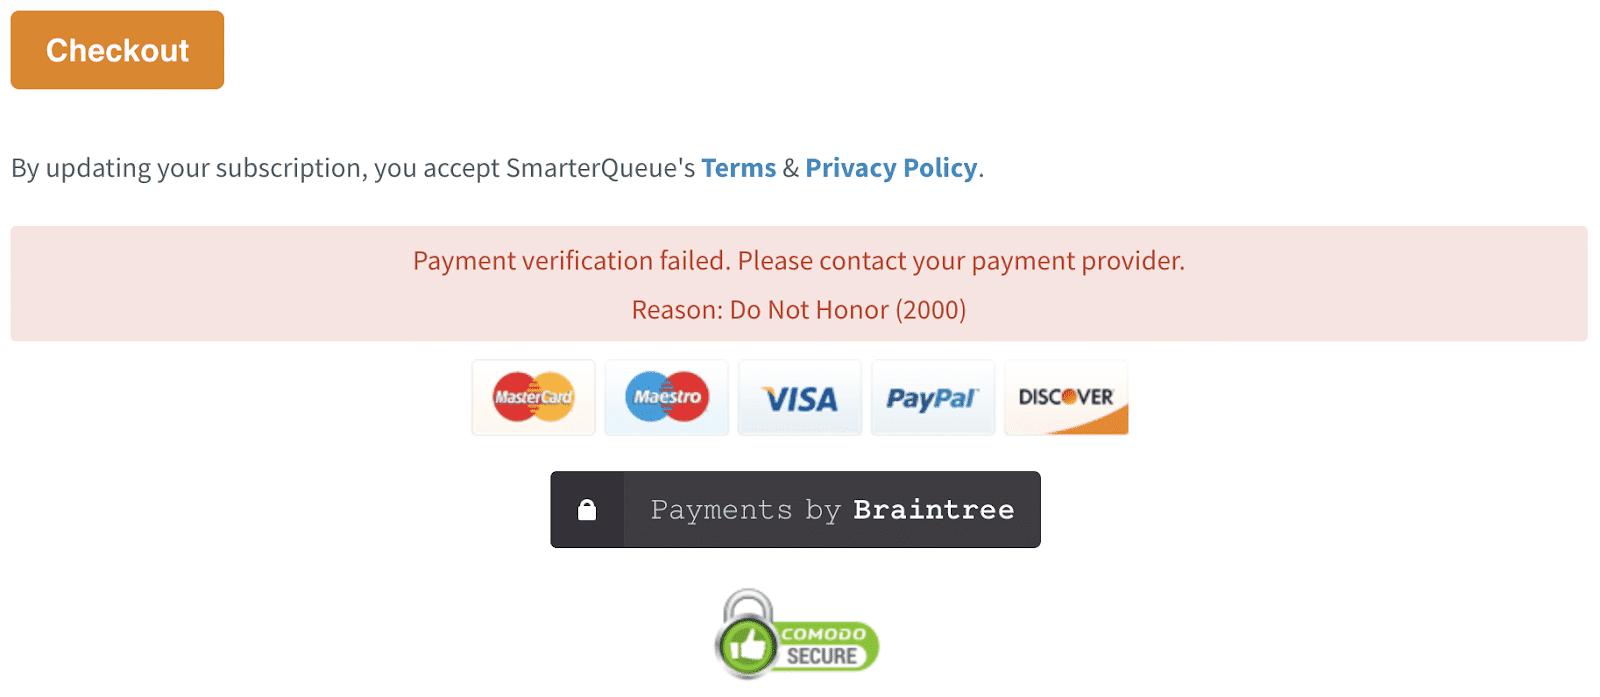 Пример отклонения кредитной карты во время покупки через Интернет (Источник: SmarterQueue.com)